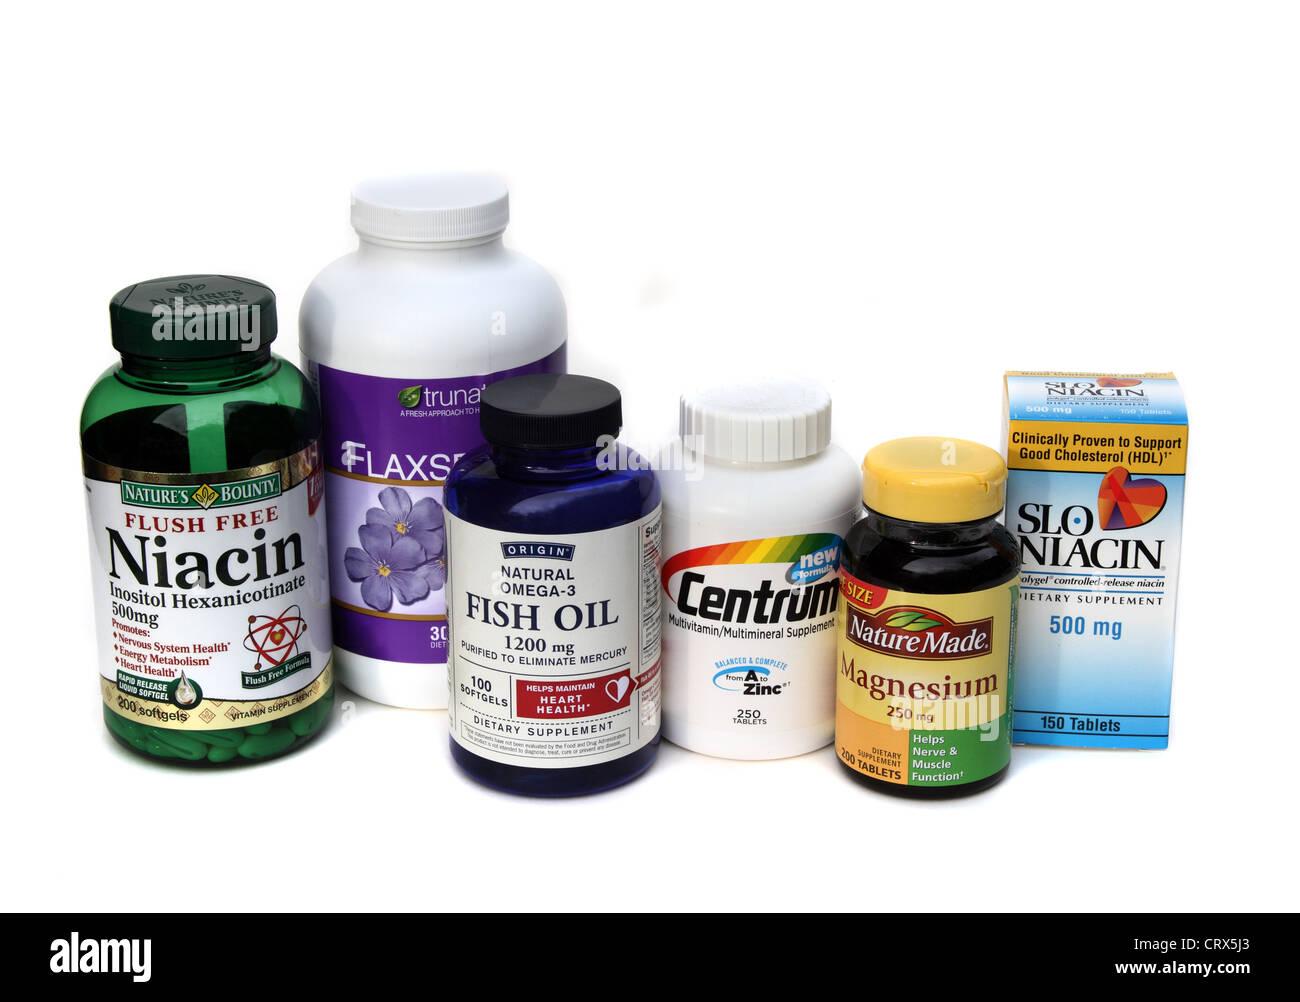 Eine Gruppe der Vitamine und Mineralstoffe. Niacin, Fischöl, Magnesium, ein Multi-Vitamin und Leinsamen-Öl Stockbild